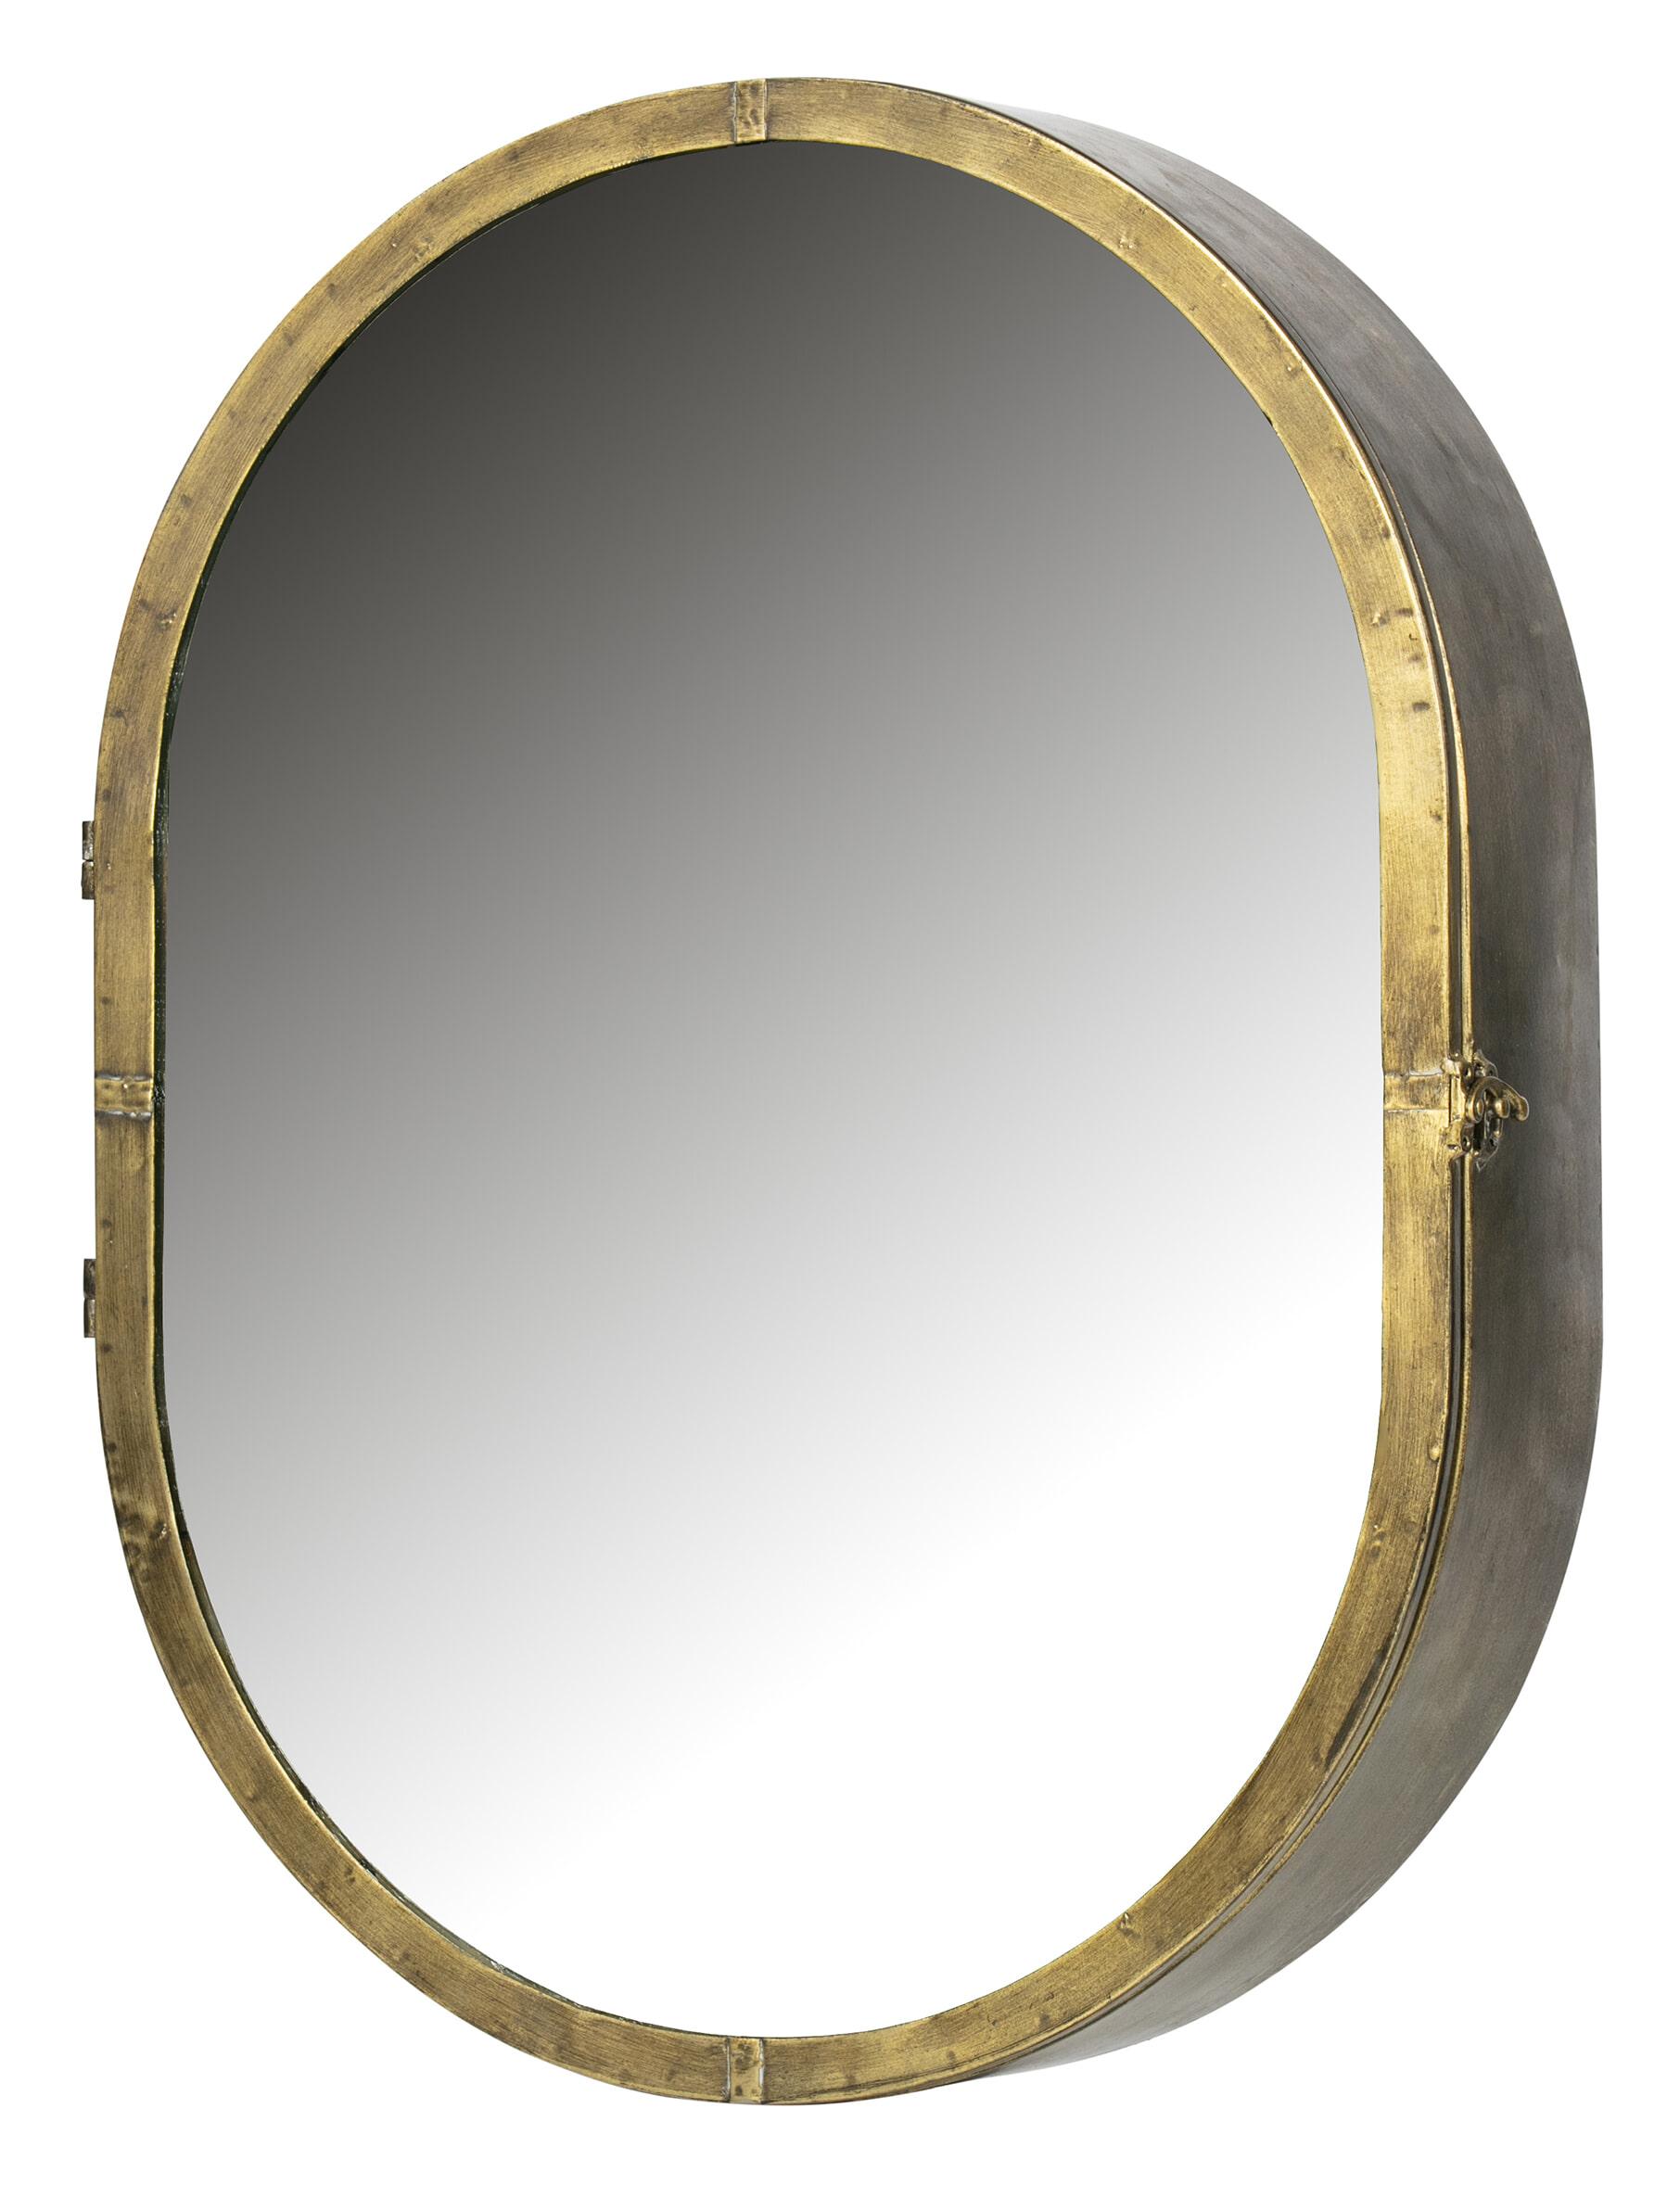 BePureHome Unfold spiegelkast Metaal Antique Brass 60x47x11 online kopen